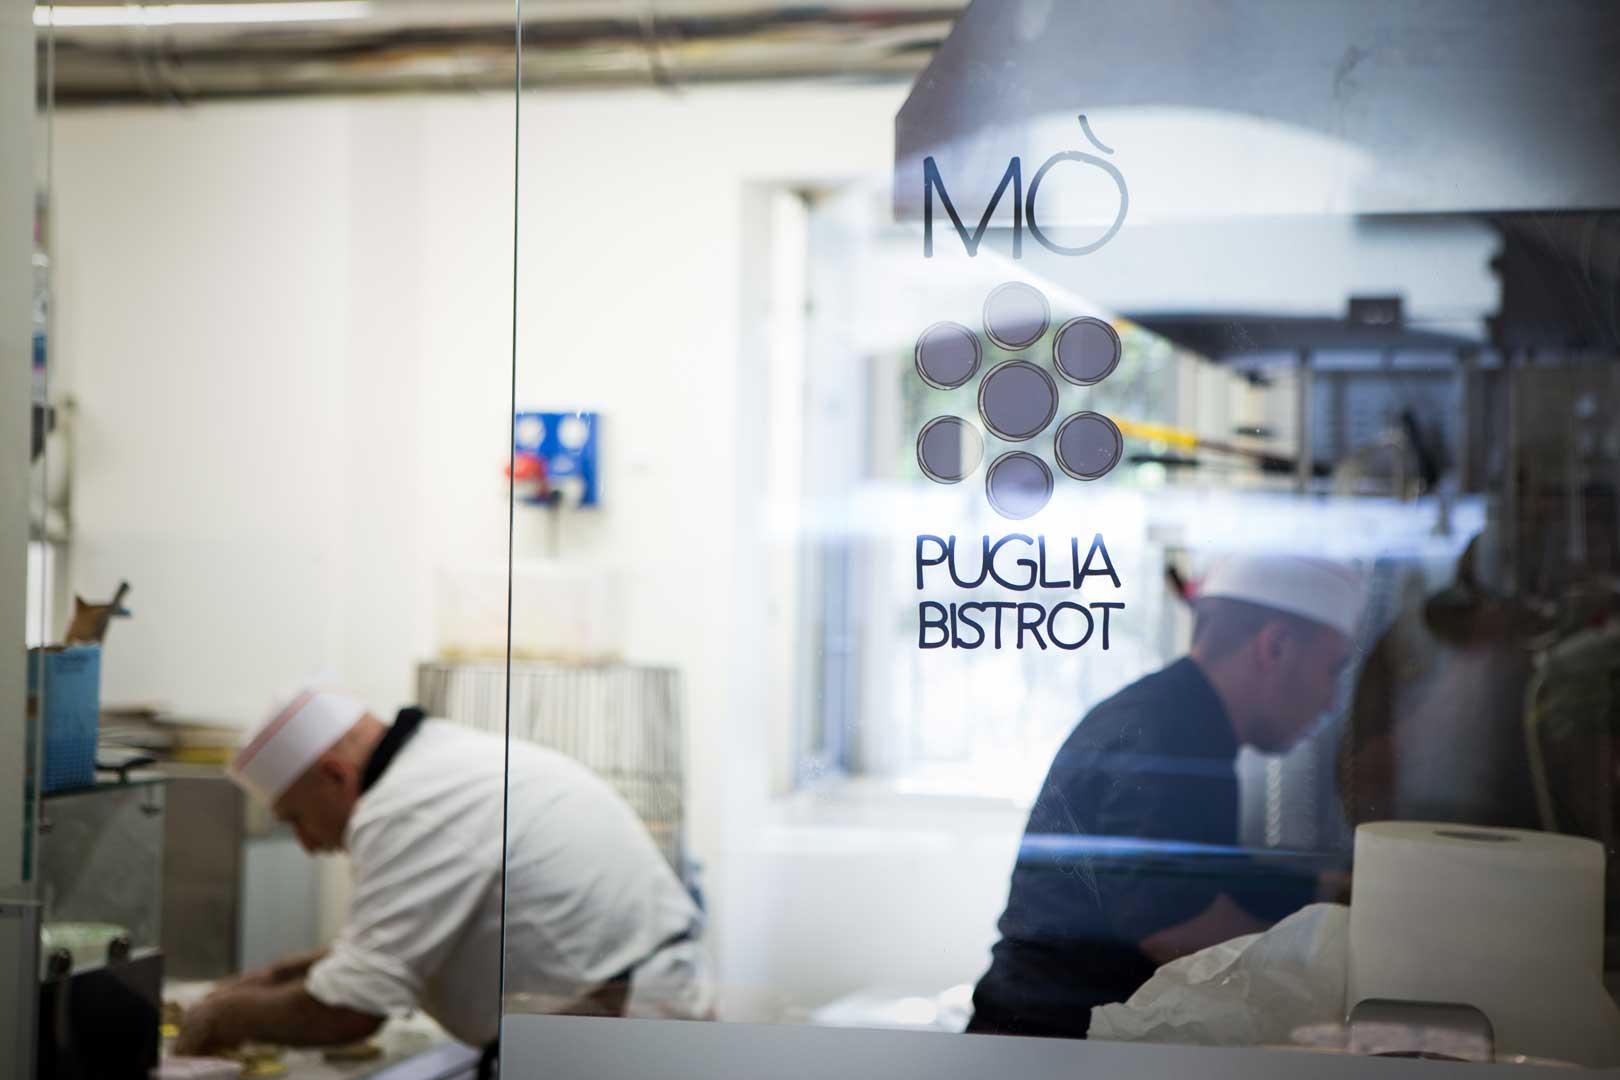 Mò Puglia Bistrot - Milano